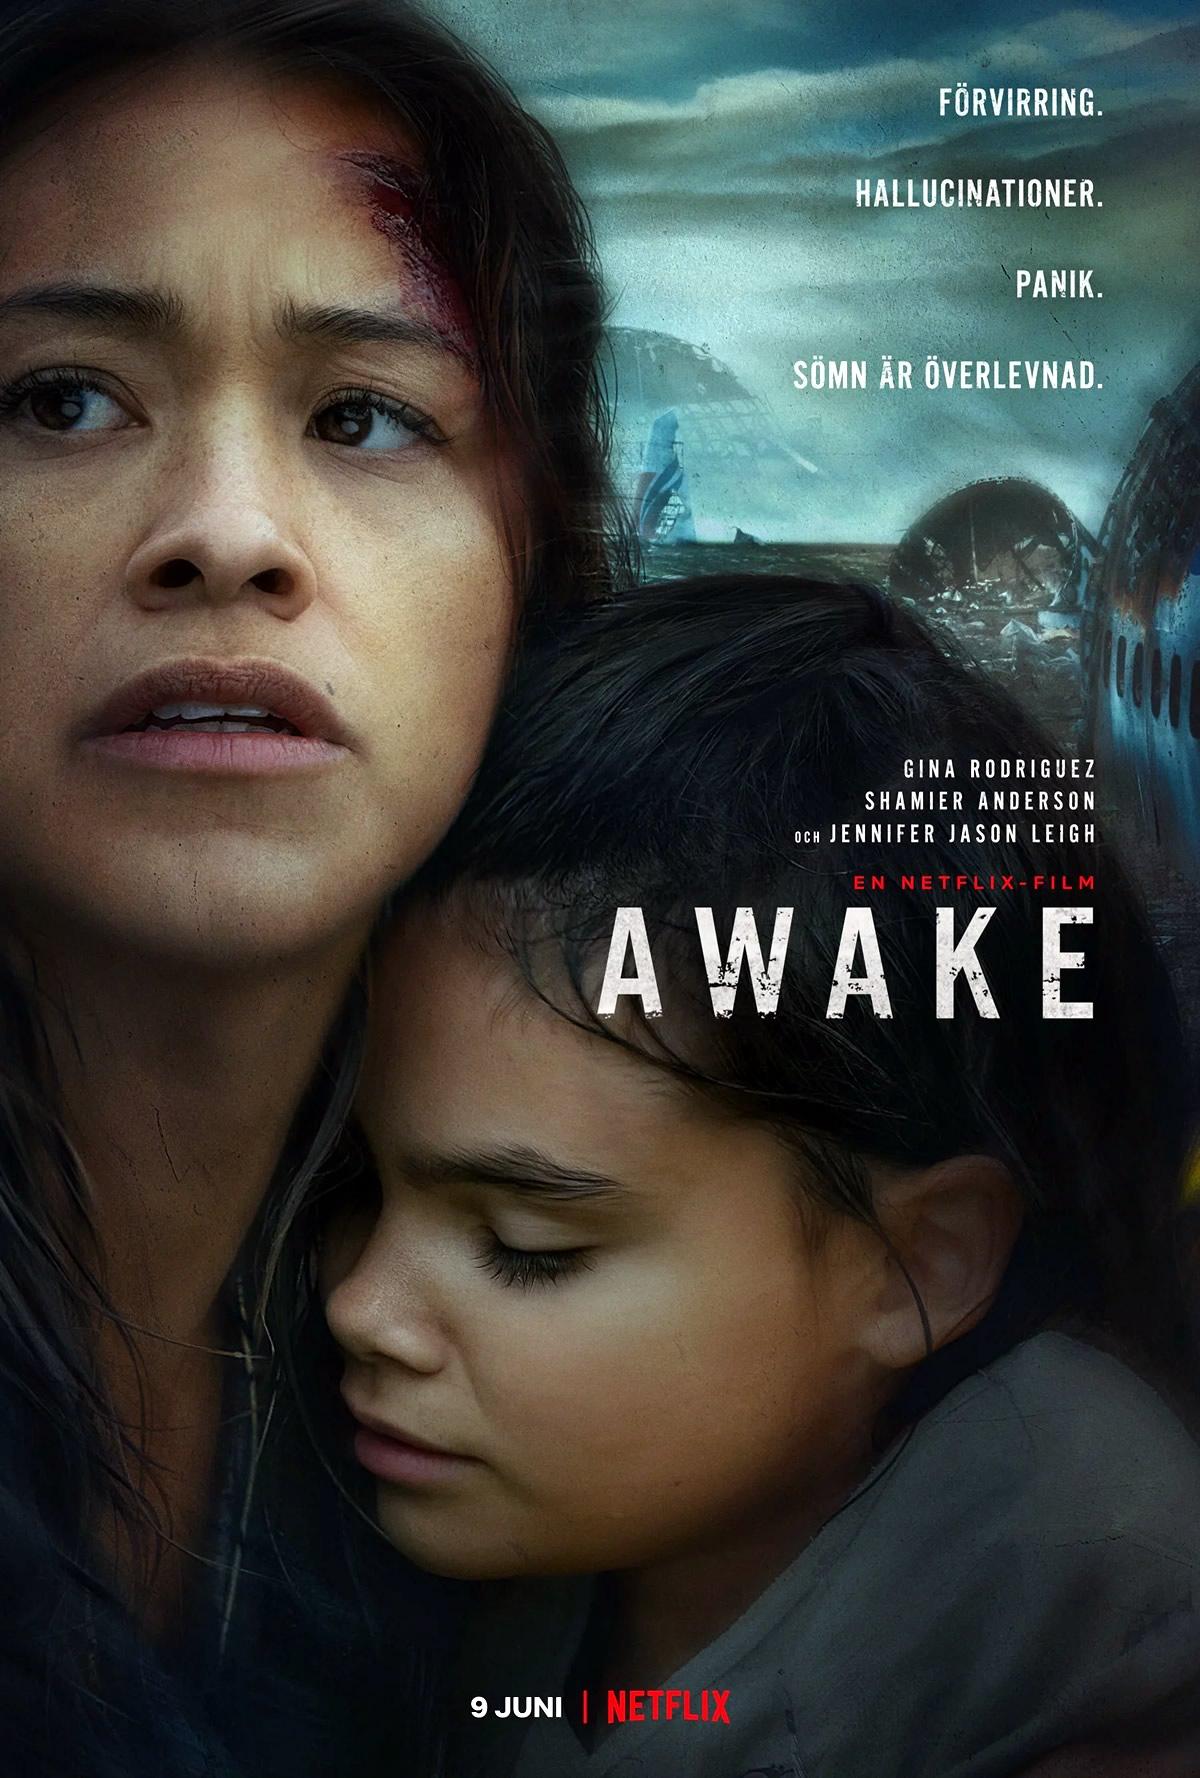 awake ficcao cientifica pos apocaliptico com gina rodriguez na netflix - Awake | Filme de ficção científica pós-apocalíptico com Gina Rodriguez na Netflix